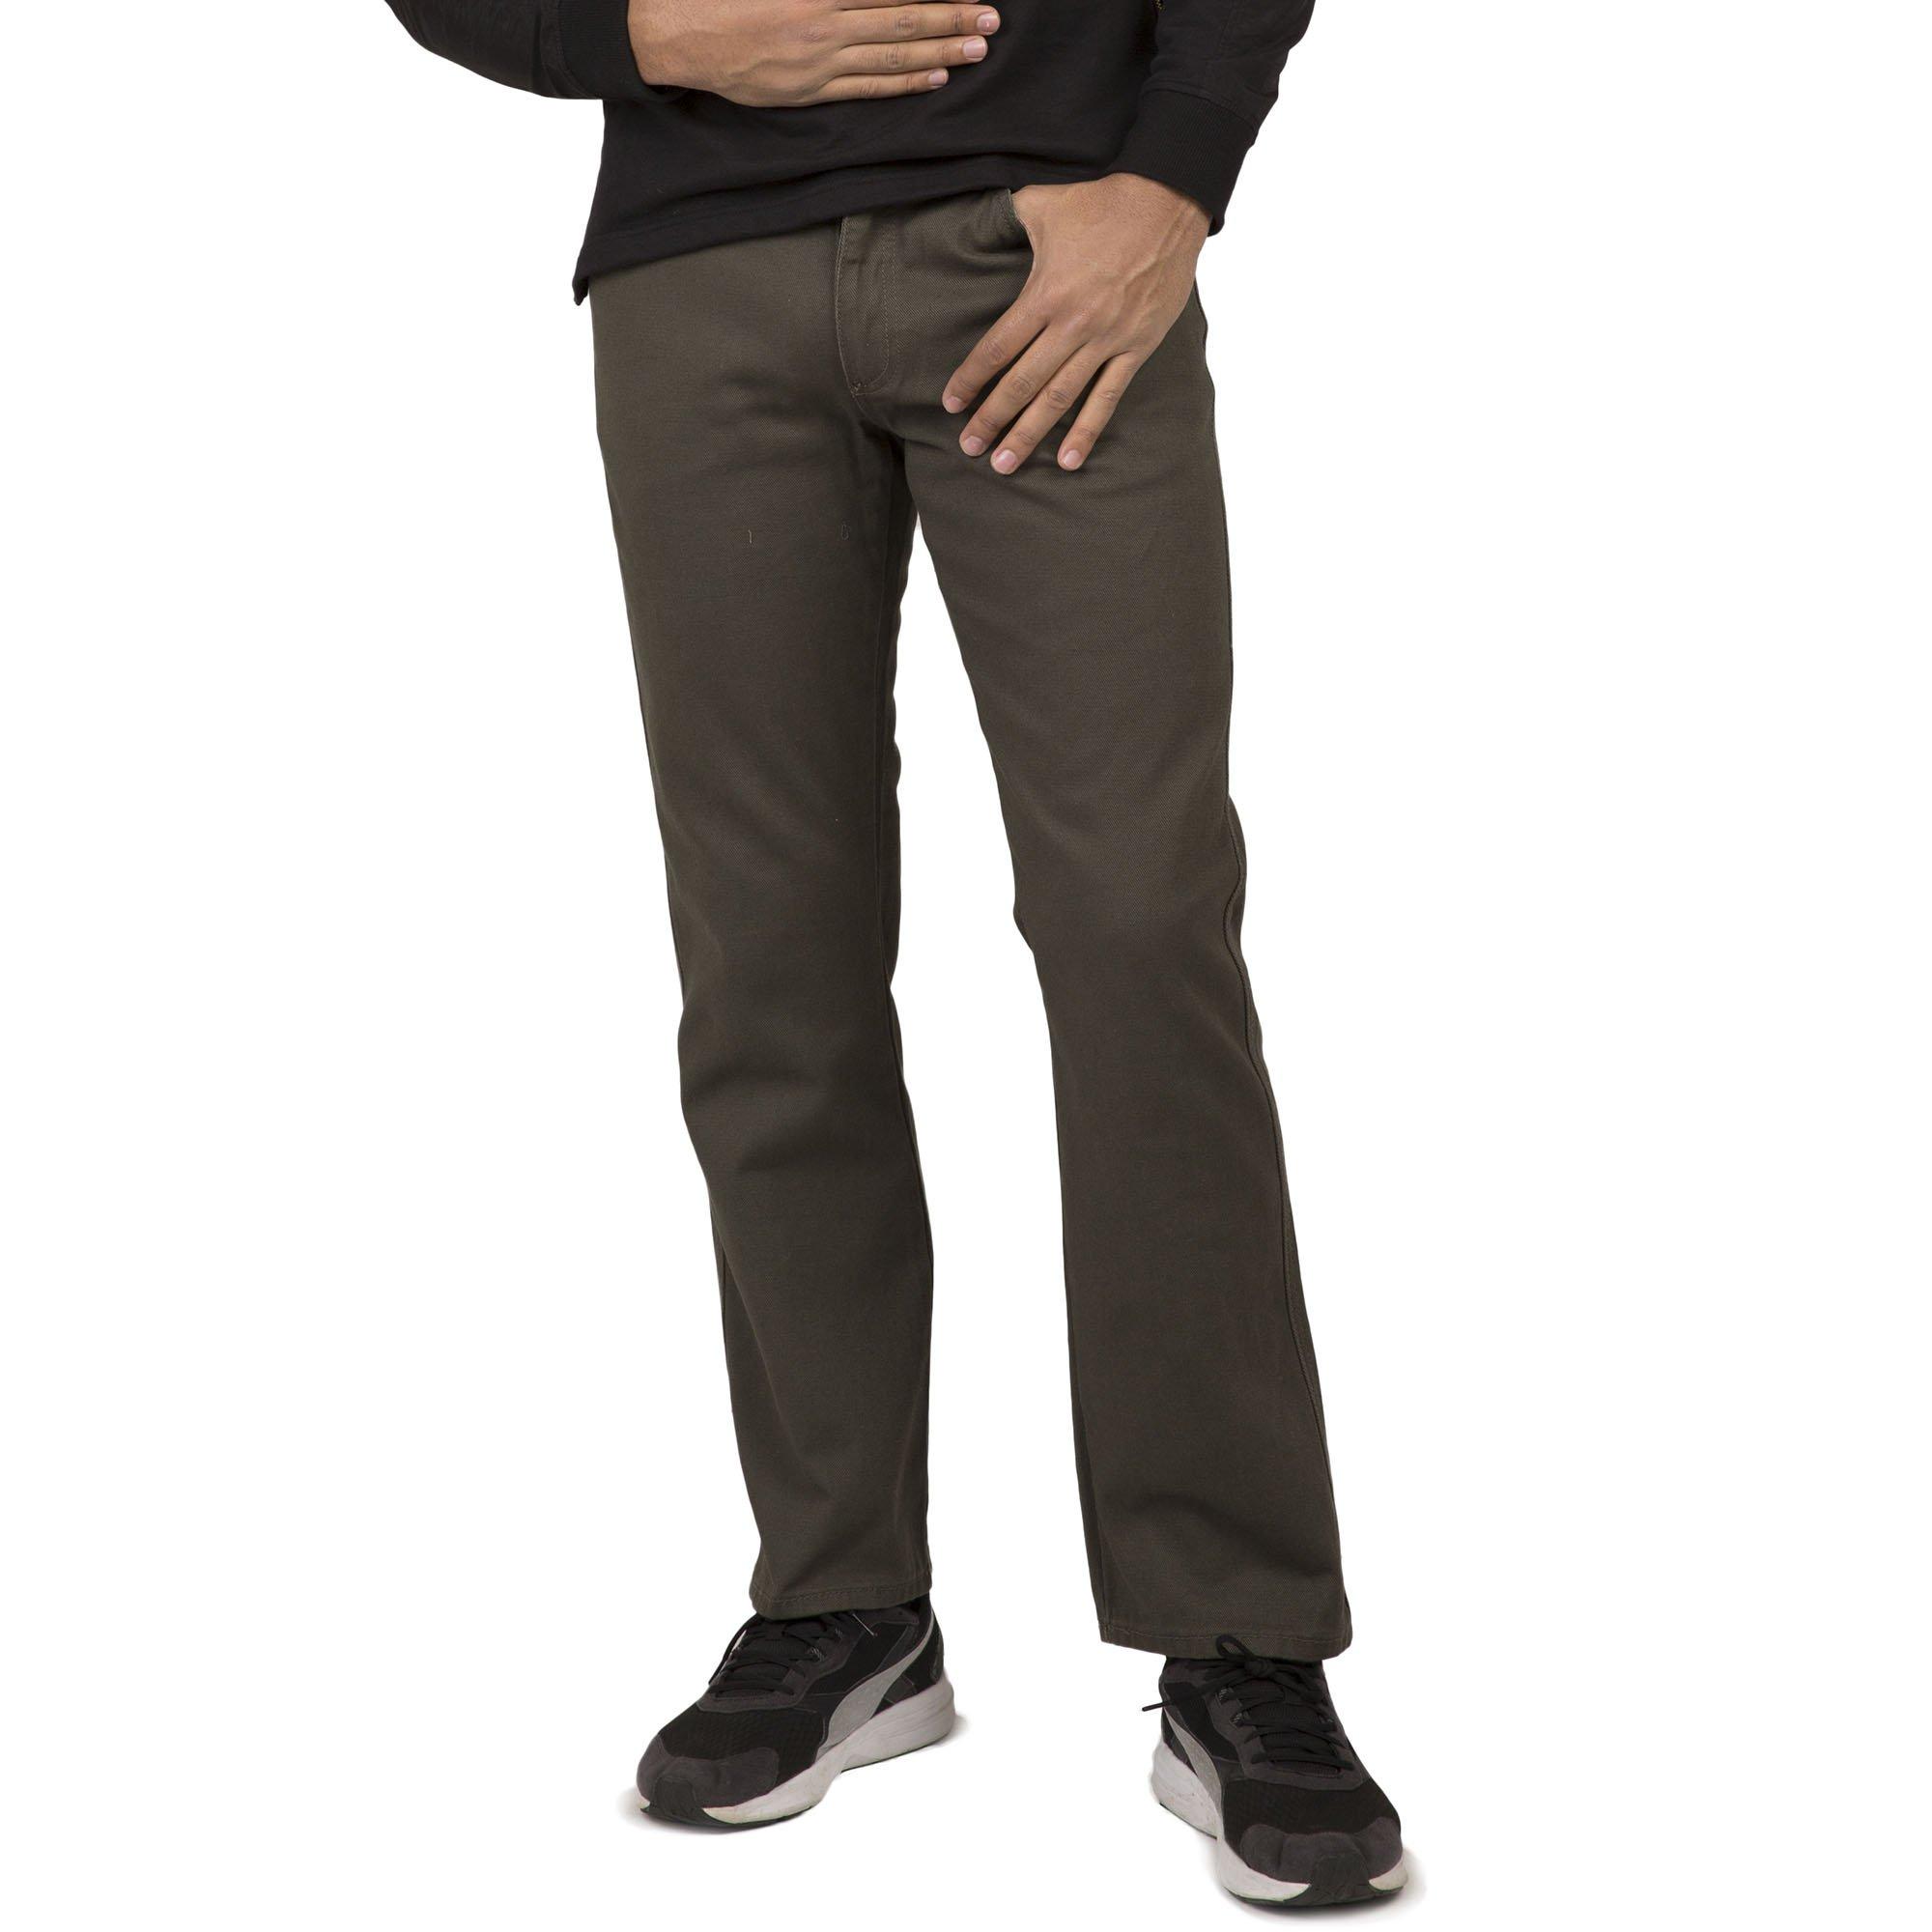 Vibes Gold Label Men Olive Military Green Color Denim 5-Pocket Slim Straight Leg Jeans Size 38